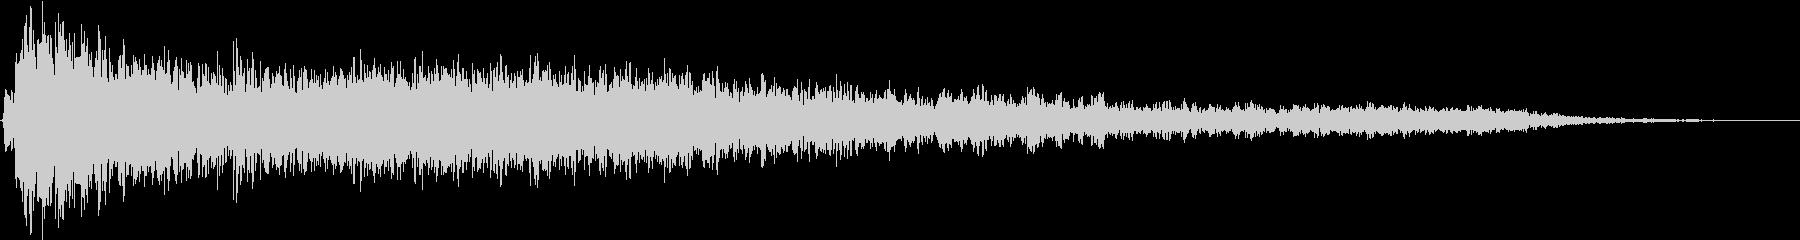 ヘビーエアパンクチャバーストの未再生の波形